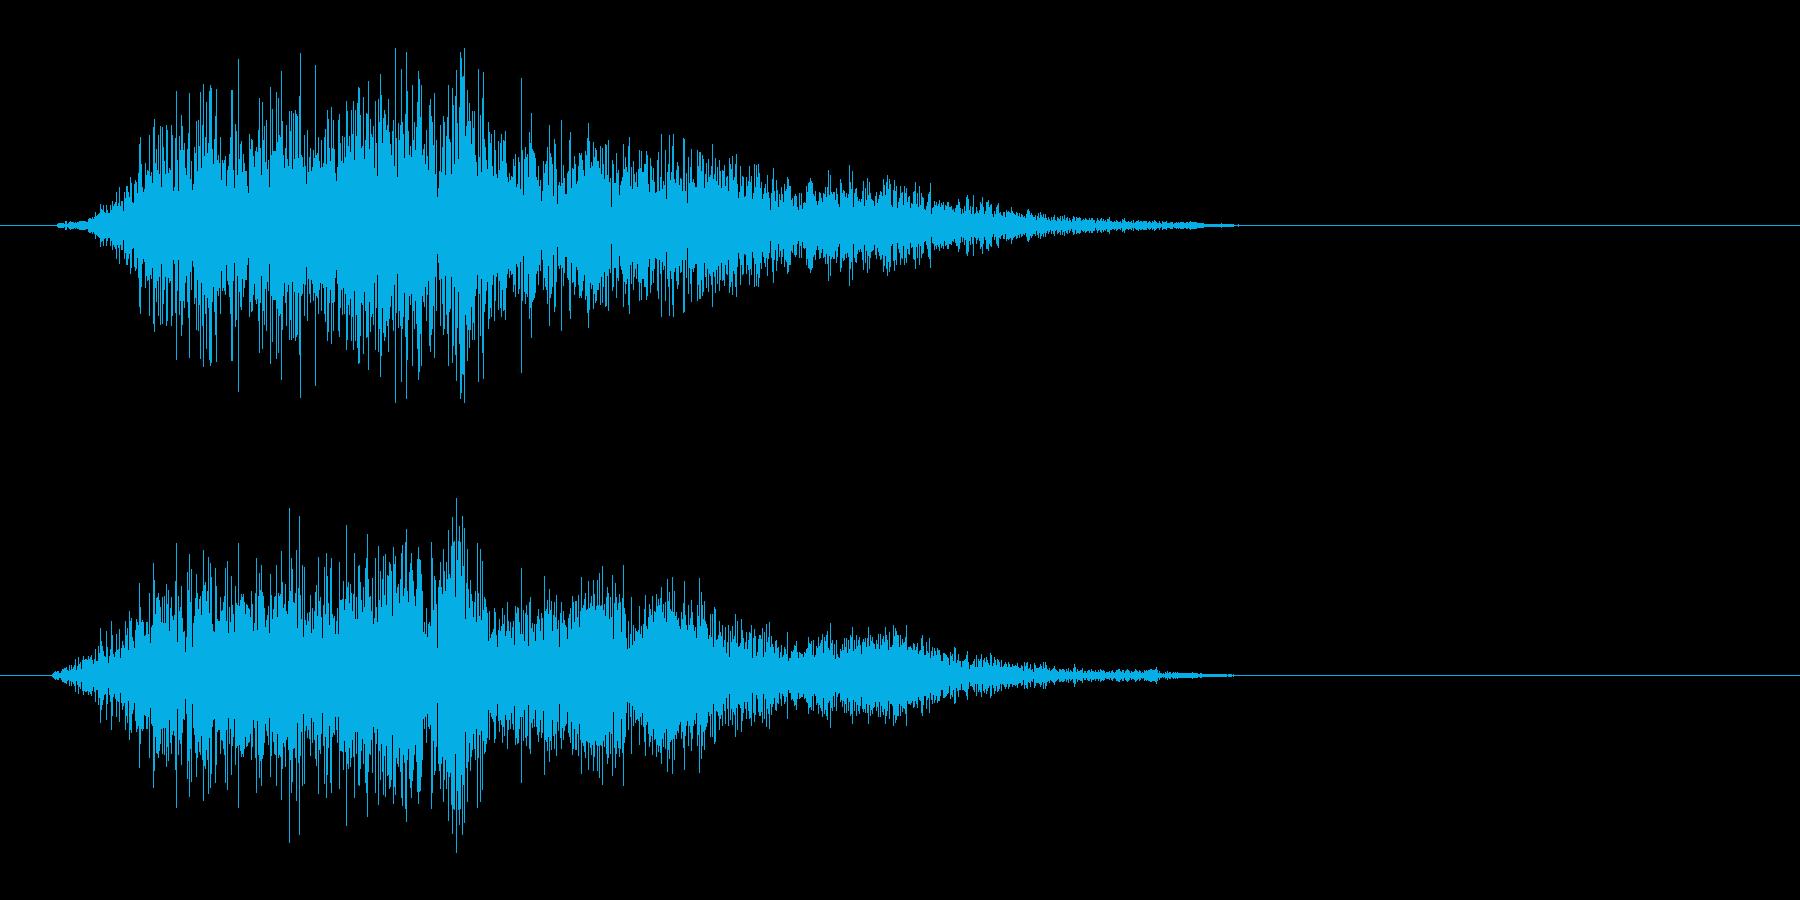 ザー(摩擦系の音色)の再生済みの波形